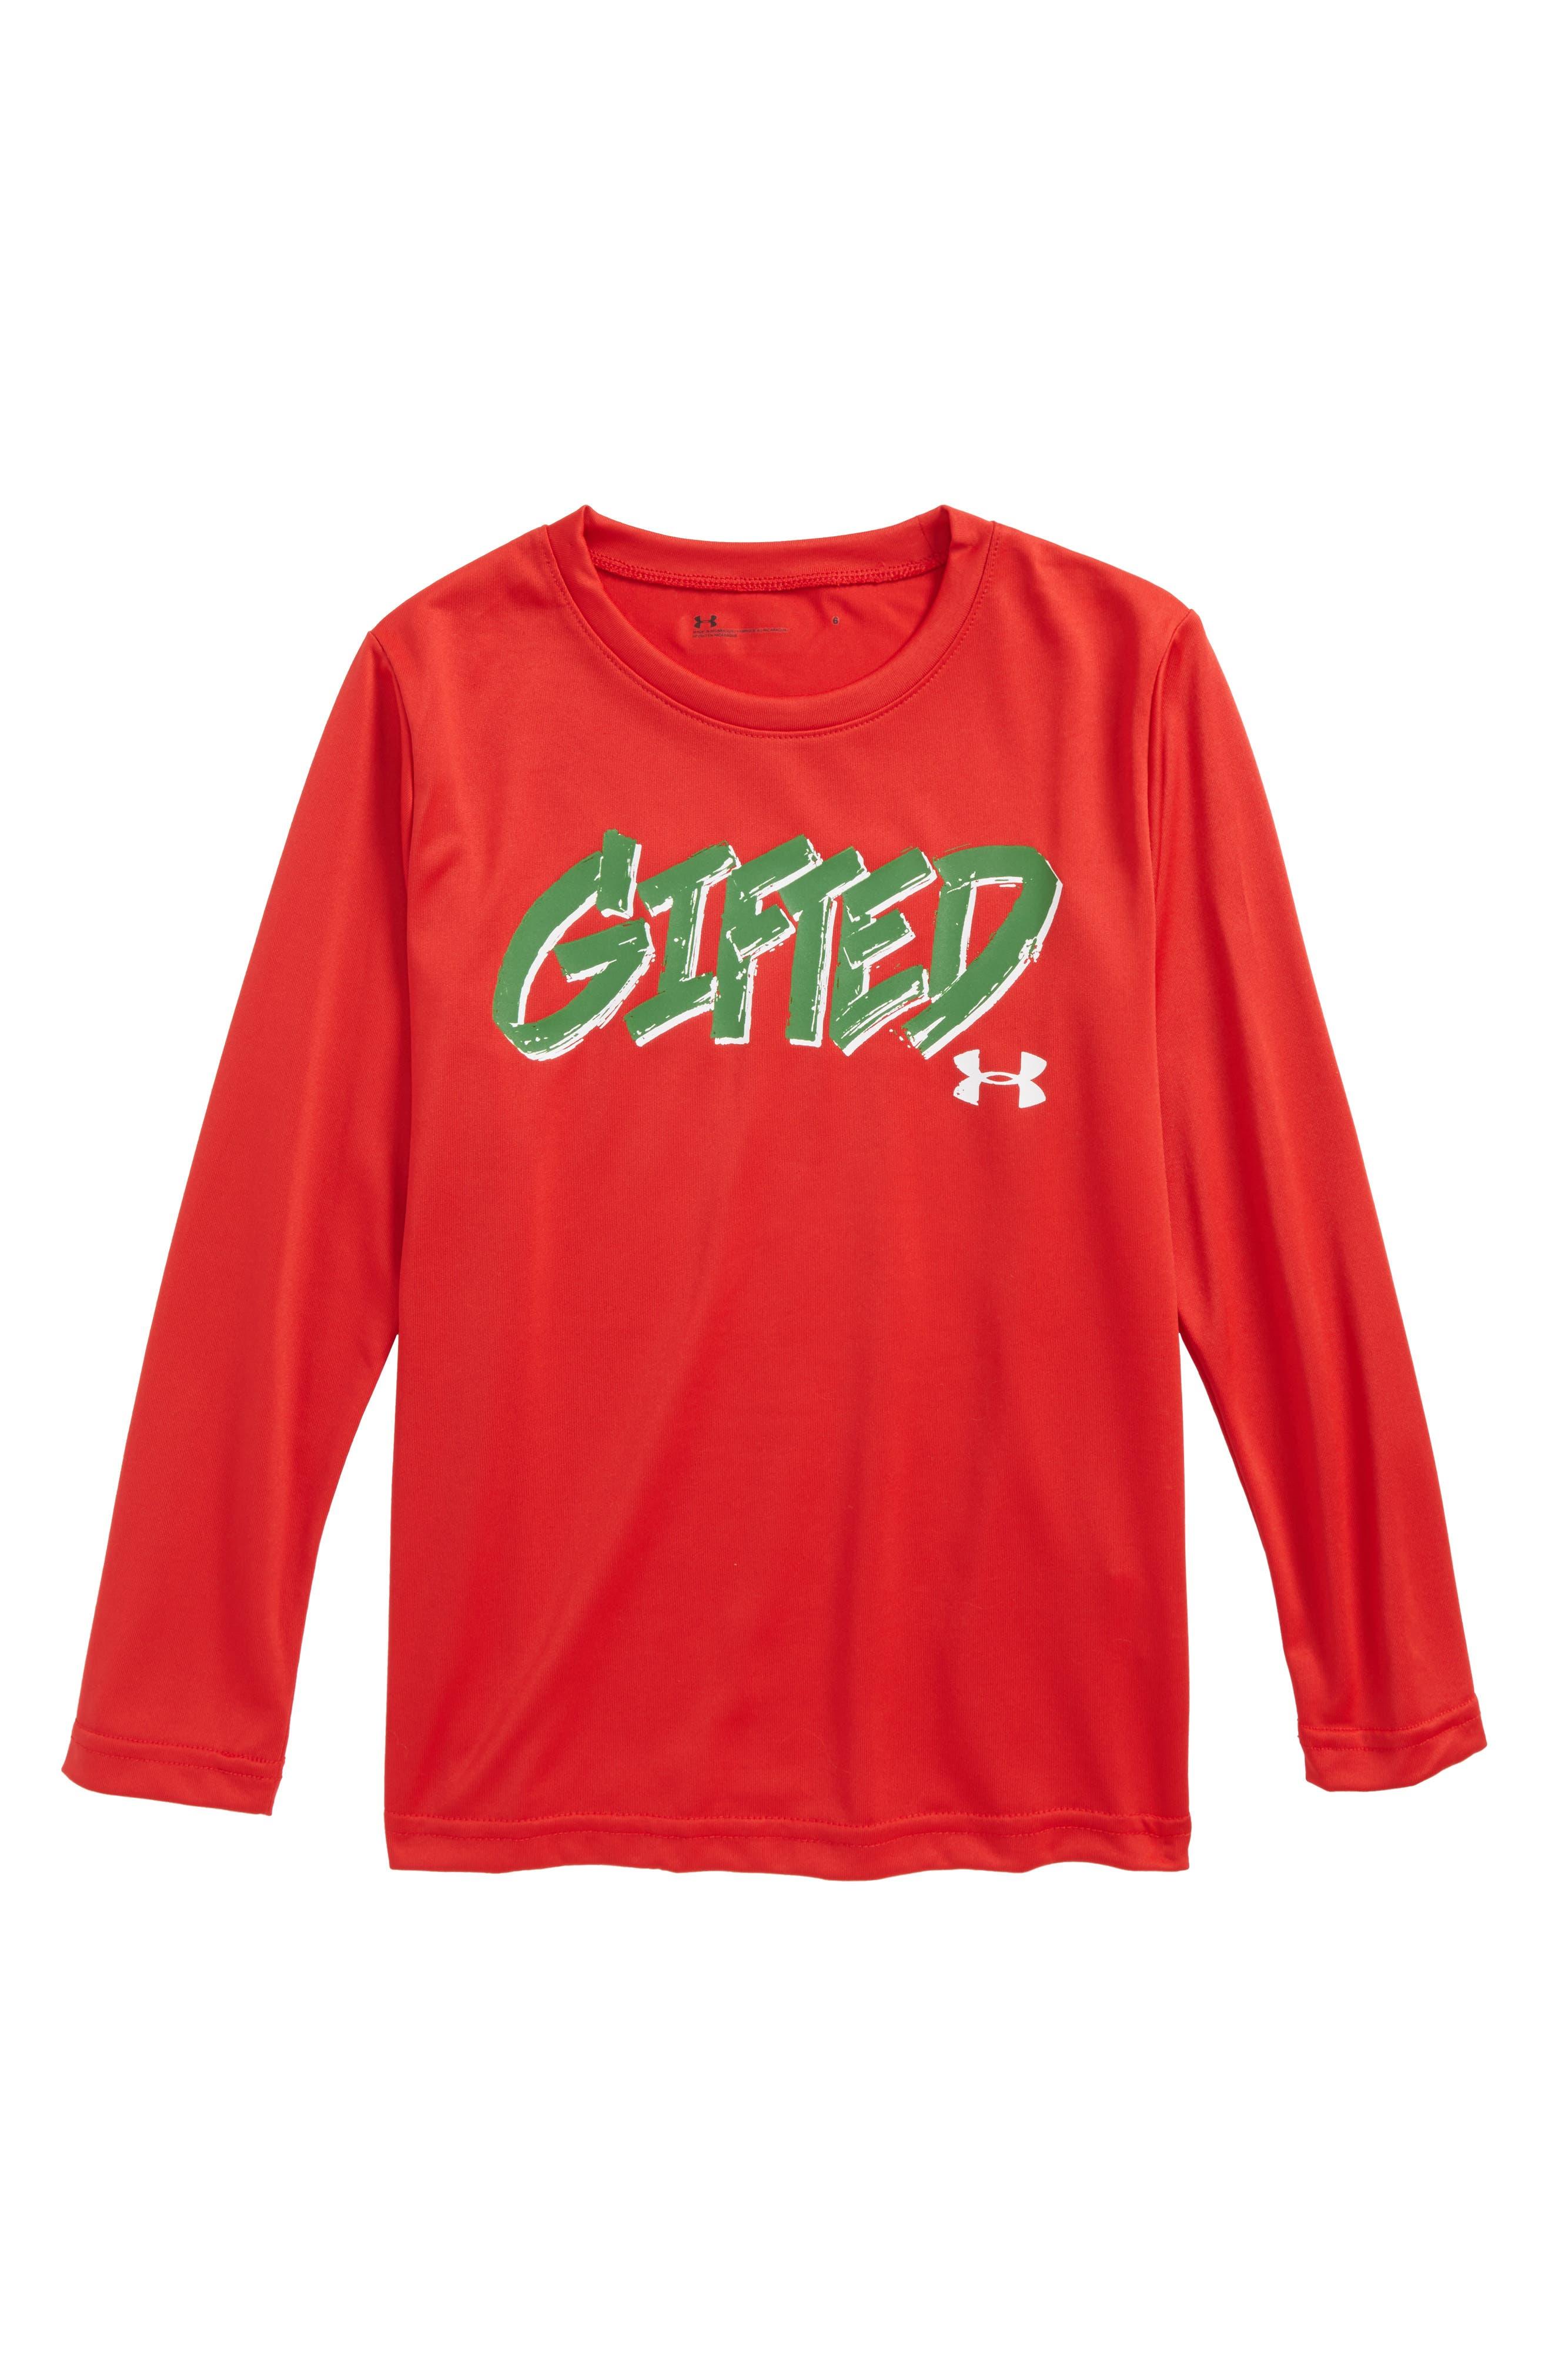 Gifted T-Shirt,                             Main thumbnail 1, color,                             600